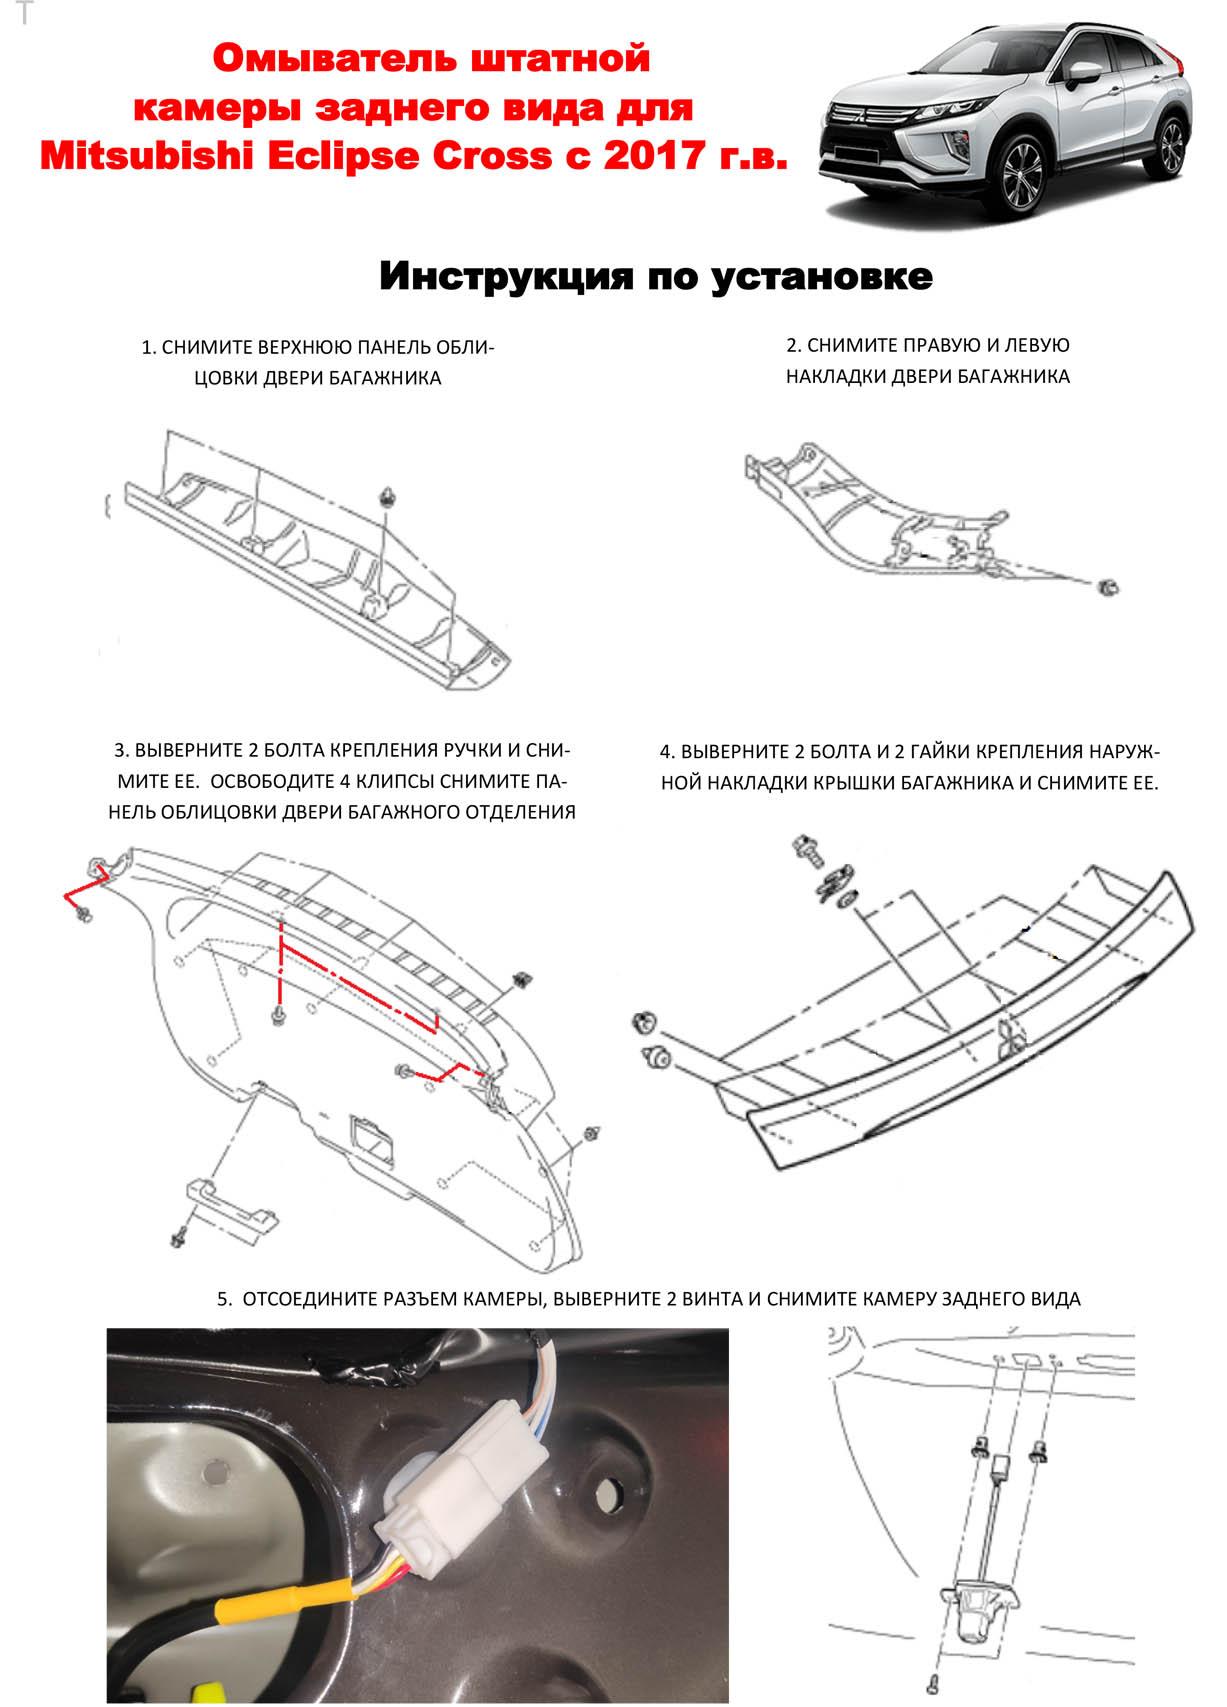 Инструкция по установке омывателя камеры заднего вида Mitsubishi Eclipse Cross